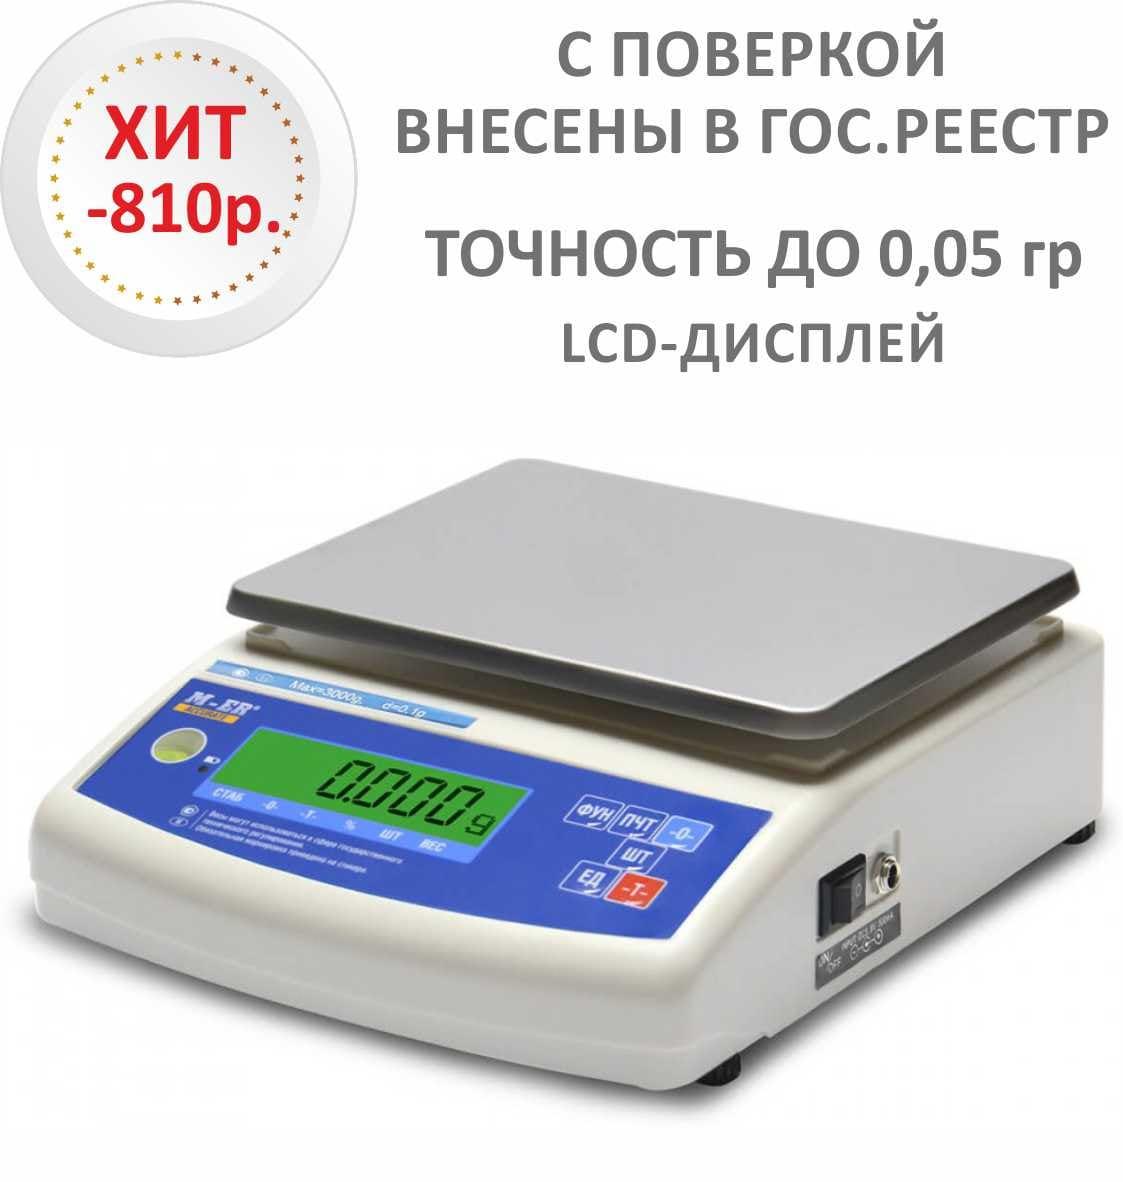 Весы лабораторные/аналитические M-ER 122 АCF-1500.05 ACCURATE LCD - вид спереди